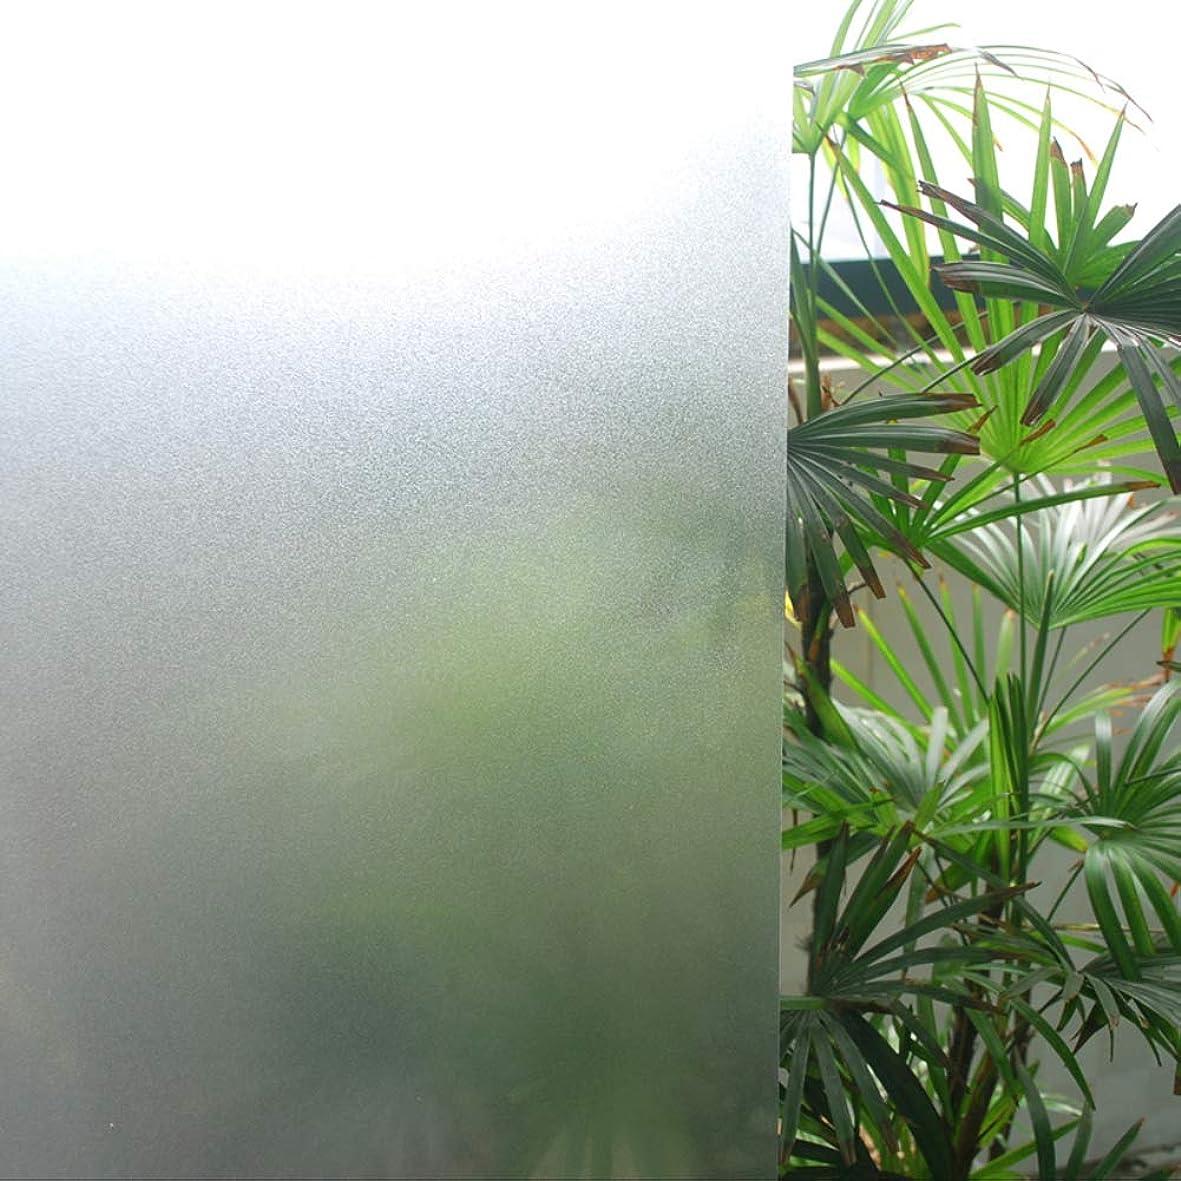 強制的イヤホン血統プライバシー ウィンドウ フィルム, 自着性 リムーバブル つや消し からすのステッカー カバー 防水 熱制御 アンチ uv 装飾 ホーム バスルーム オフィス-B 200x60cm(79x24inch)